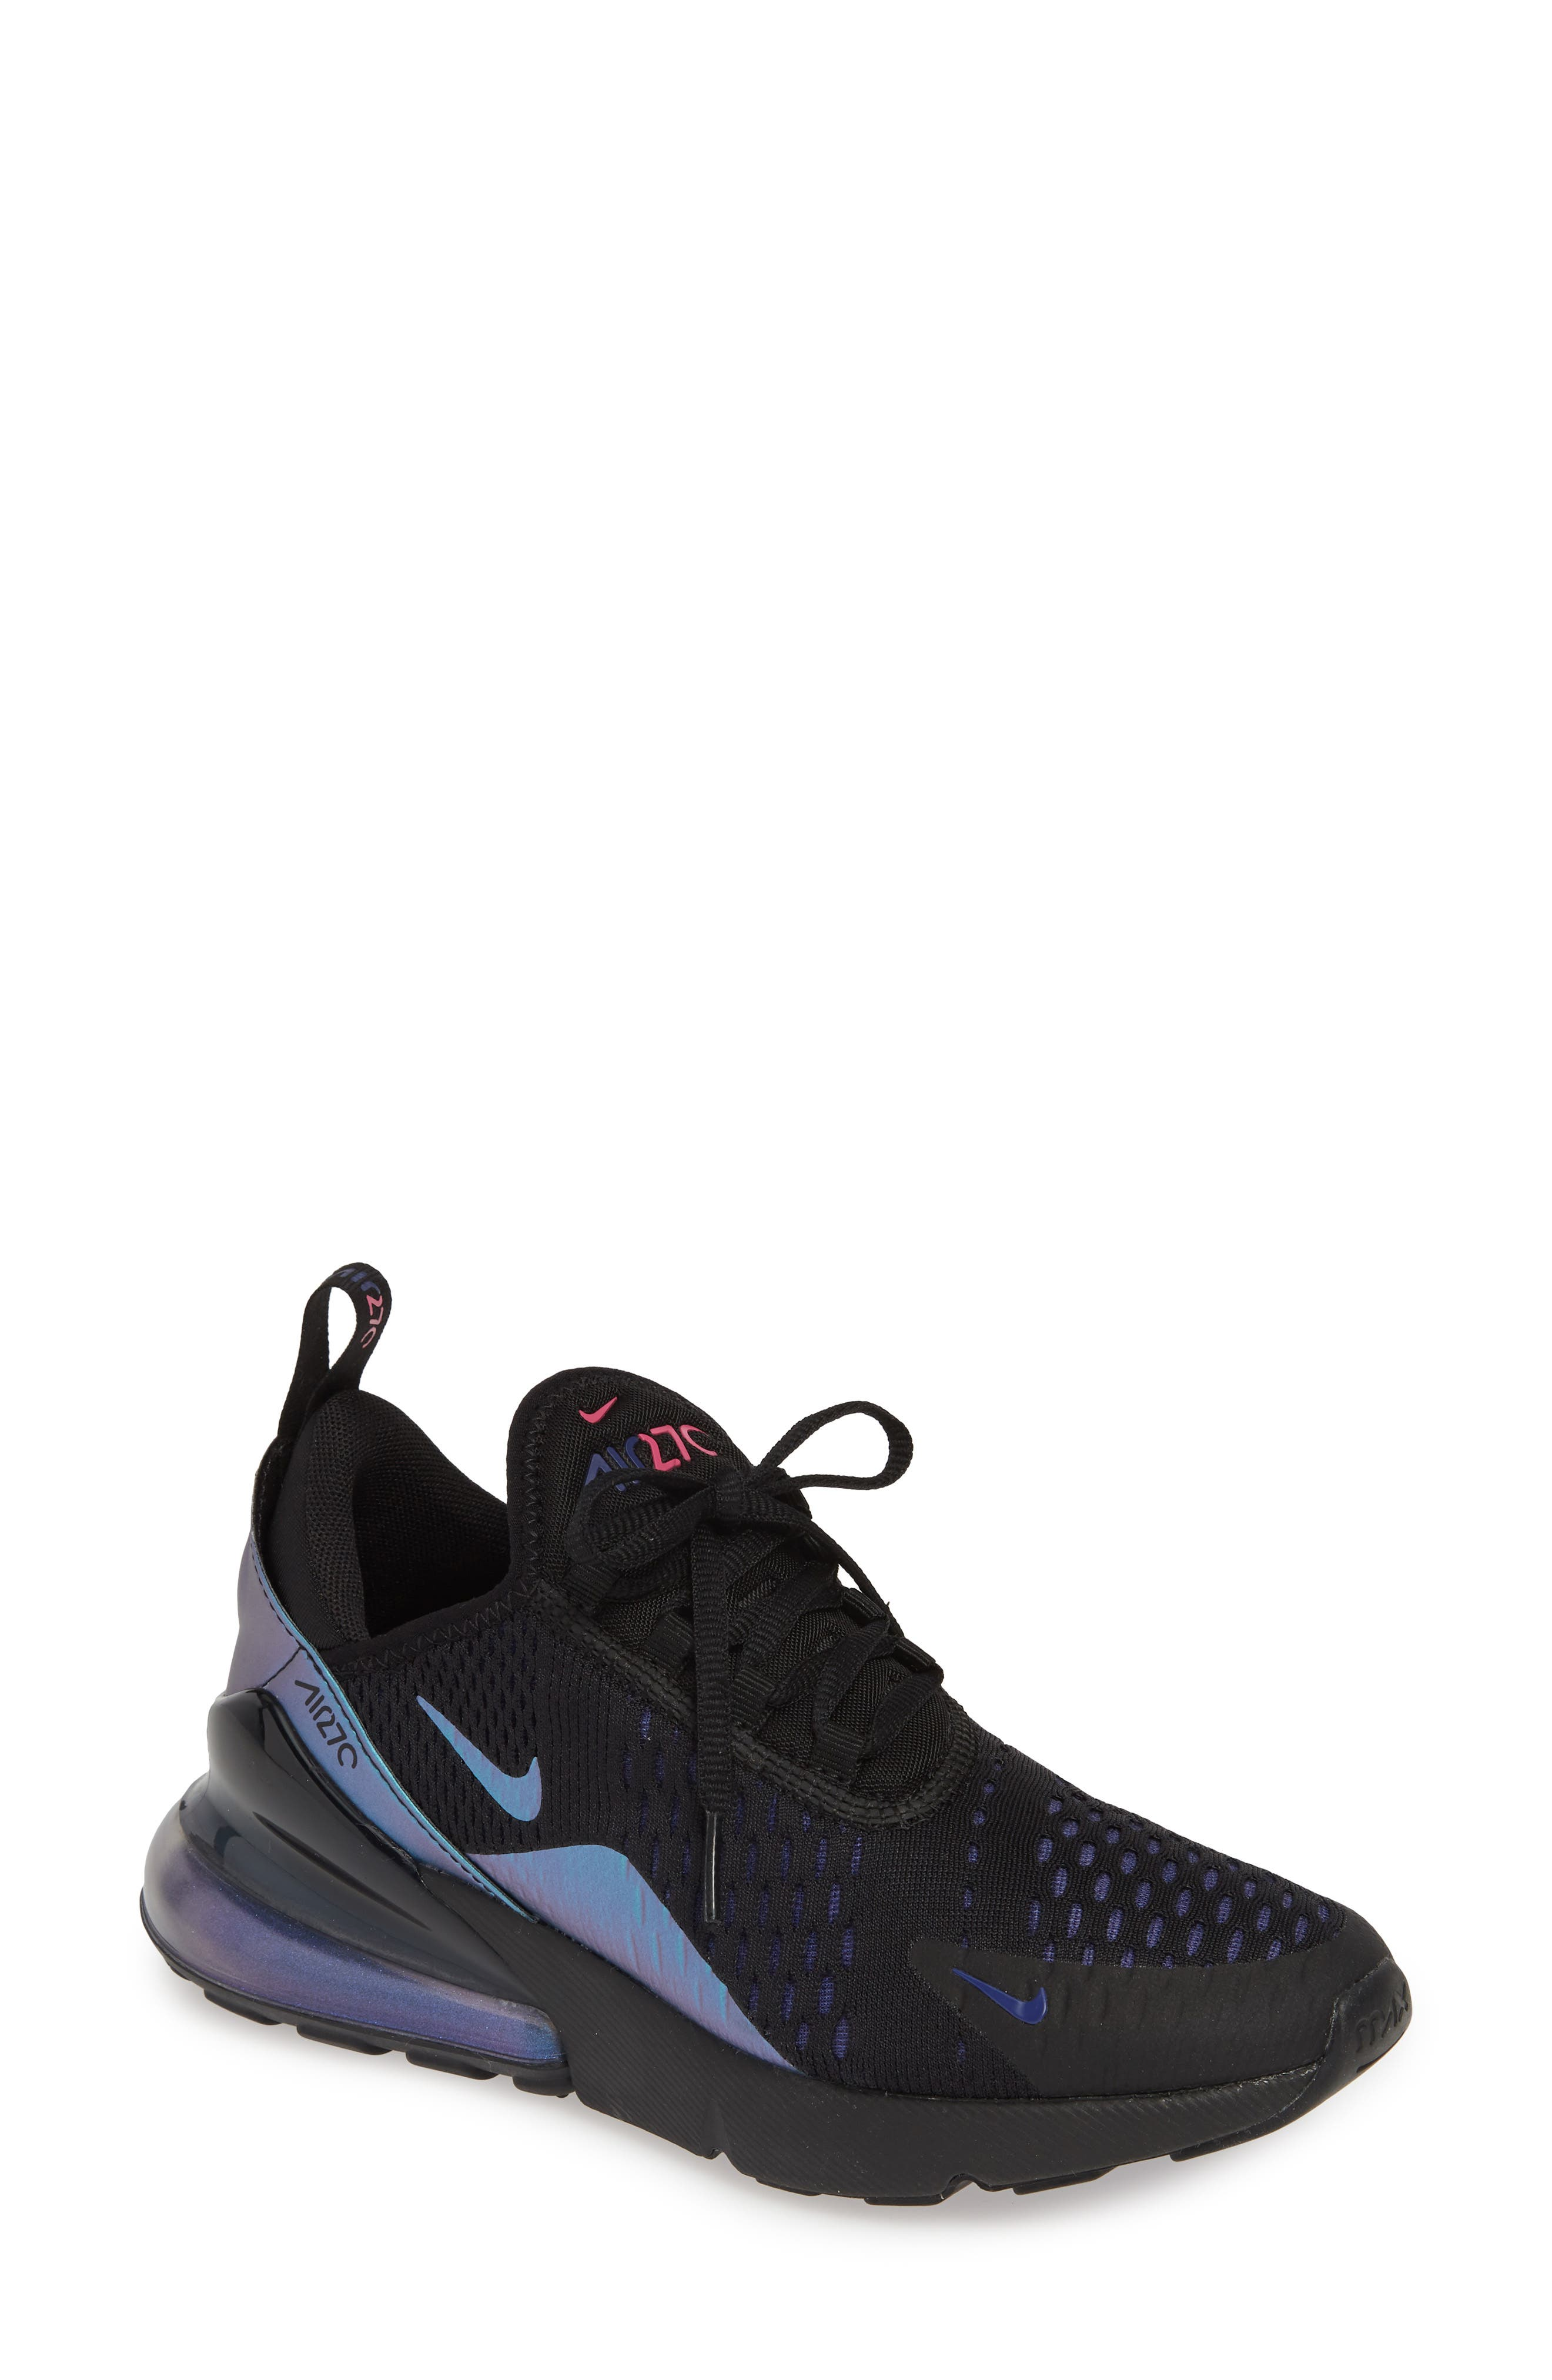 NIKE,                             Air Max 270 Premium Sneaker,                             Main thumbnail 1, color,                             BLACK/ FUCHSIA/ PURPLE